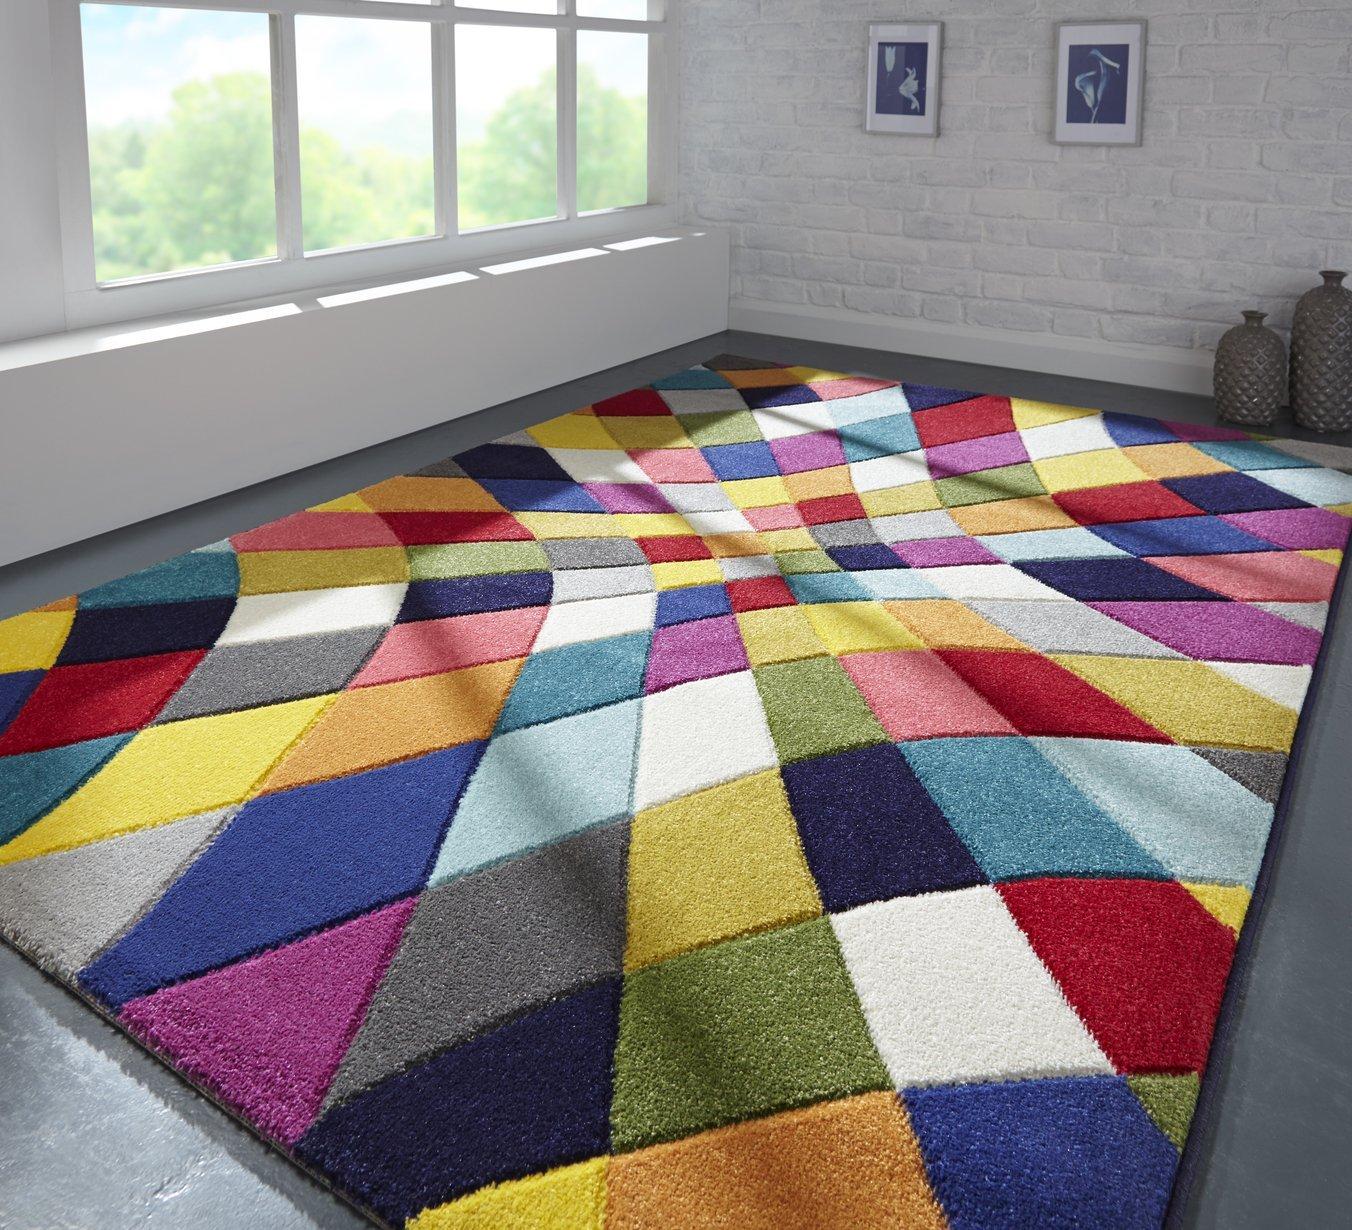 Rugs With Flair Spectrum Rhumba - Tapis de créateur/Tapis Moderne - Motif Abstrait - Multicolore 80 x 150cm